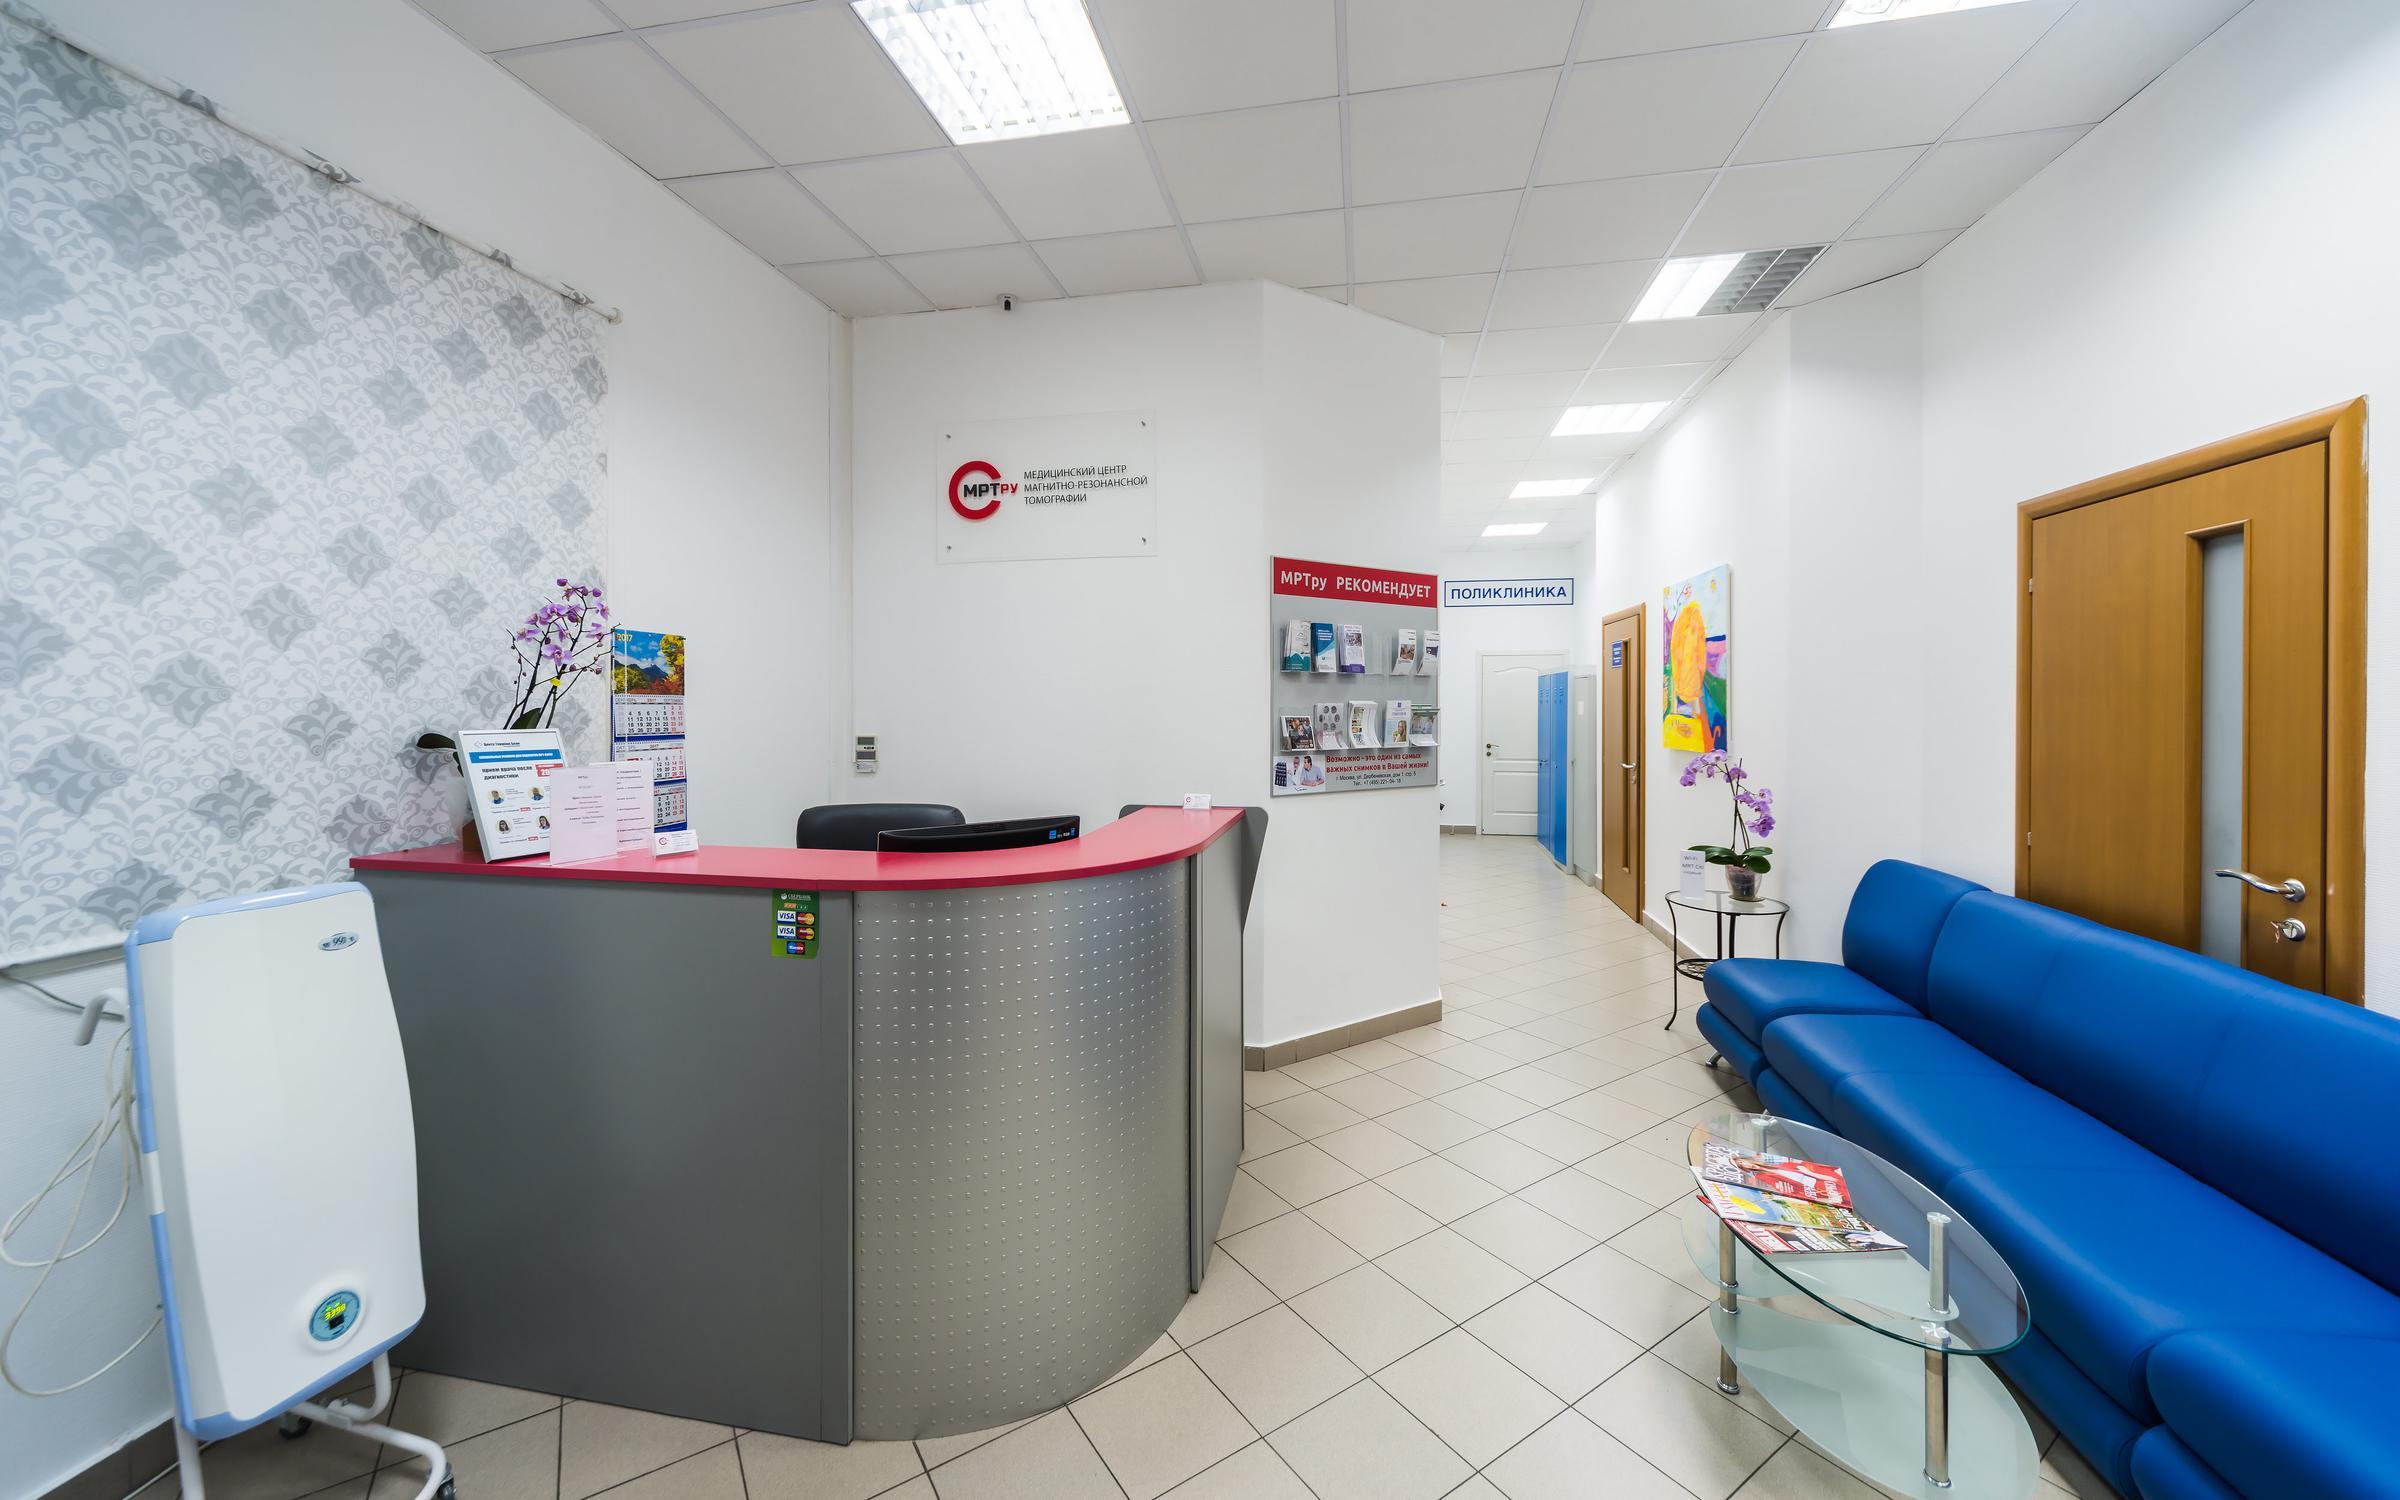 фотография Диагностического центра МРТру у метро Павелецкая